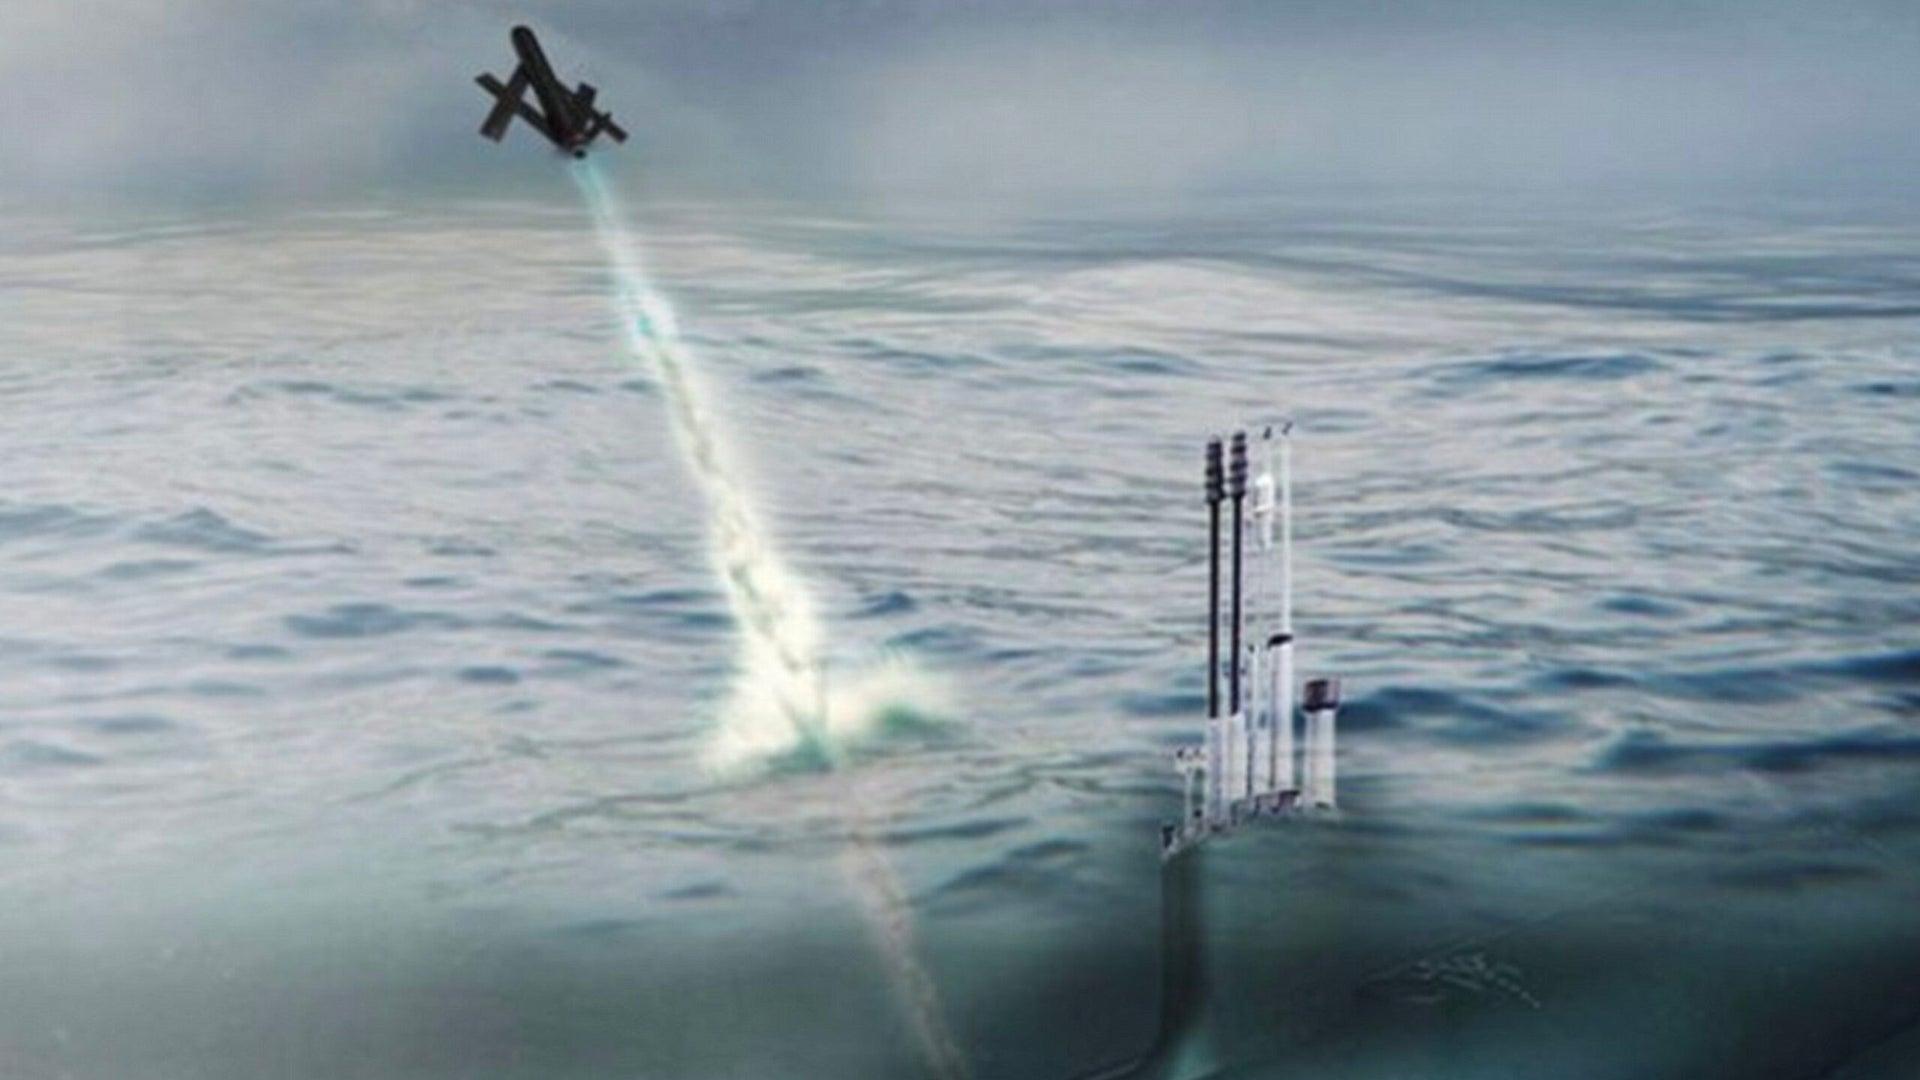 AEROVIRONMENT-BLACKWING-UAV-US-NAVY-scaled